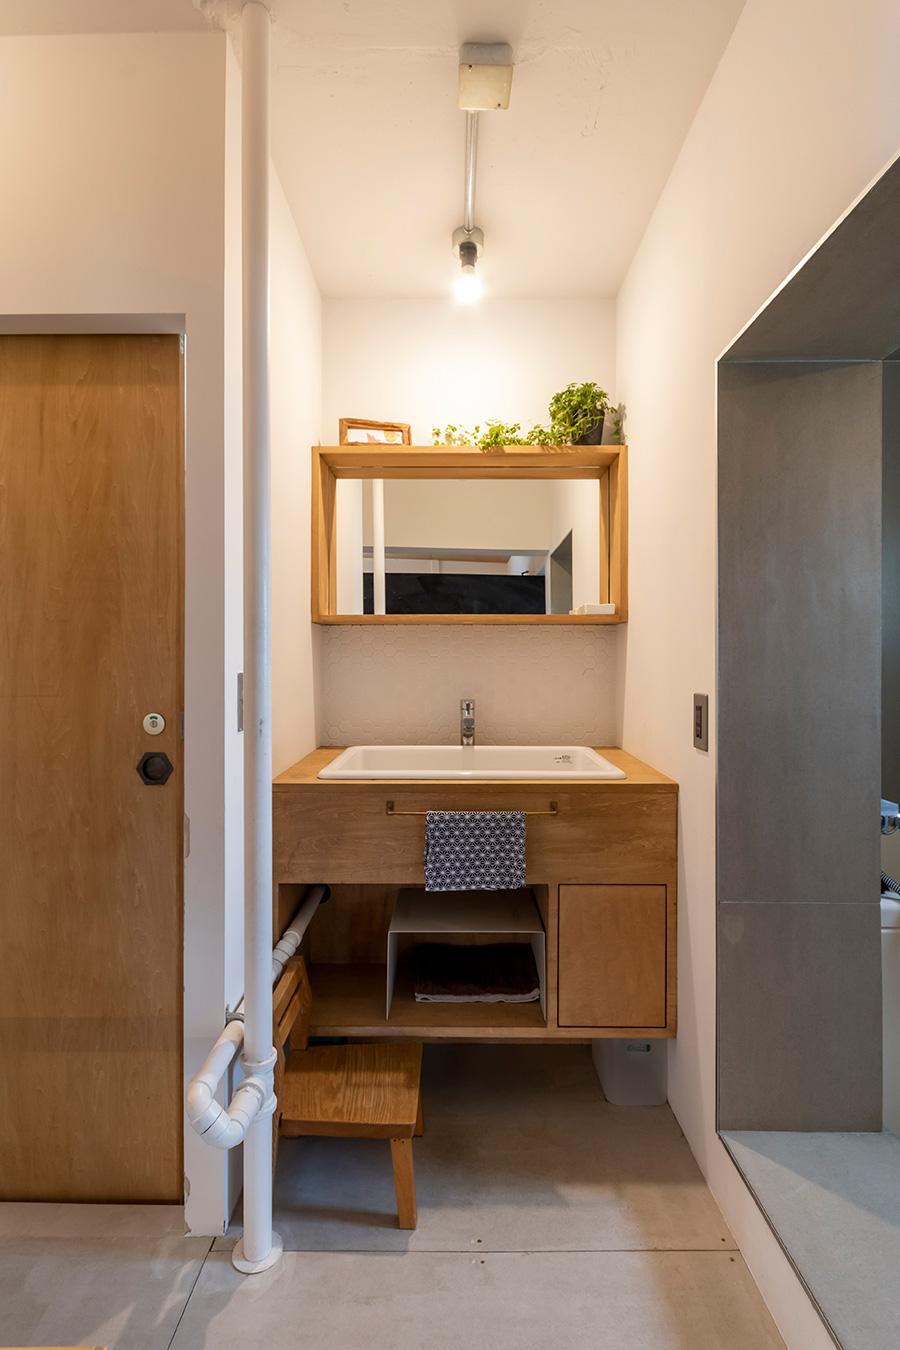 洗濯機をキッチンに移動しすっきりさせた洗面は、玄関からもアクセスできて動線がいい。。右手の扉のないバスルームは、湿気が籠らないメリットも。トイレの引き戸の取っ手も亀甲模様に。